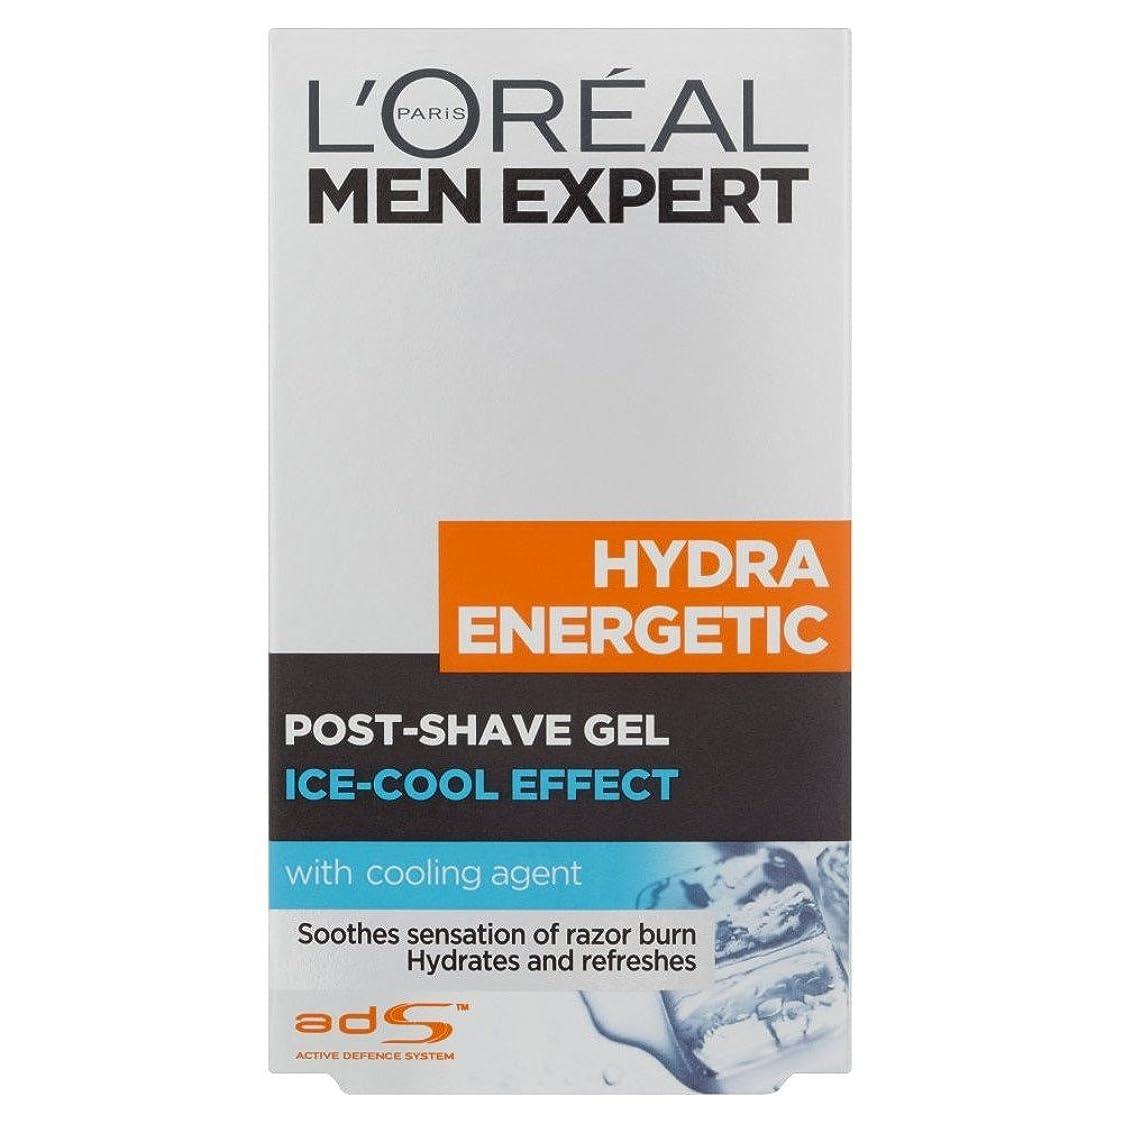 肥満動機注意L'Oreal Paris Men Expert Hydra Energetic Post Shave Balm (100ml) L'オラ?アルパリのメンズ専門ヒドラエネルギッシュなポストシェーブバーム( 100ミリリットル) [並行輸入品]